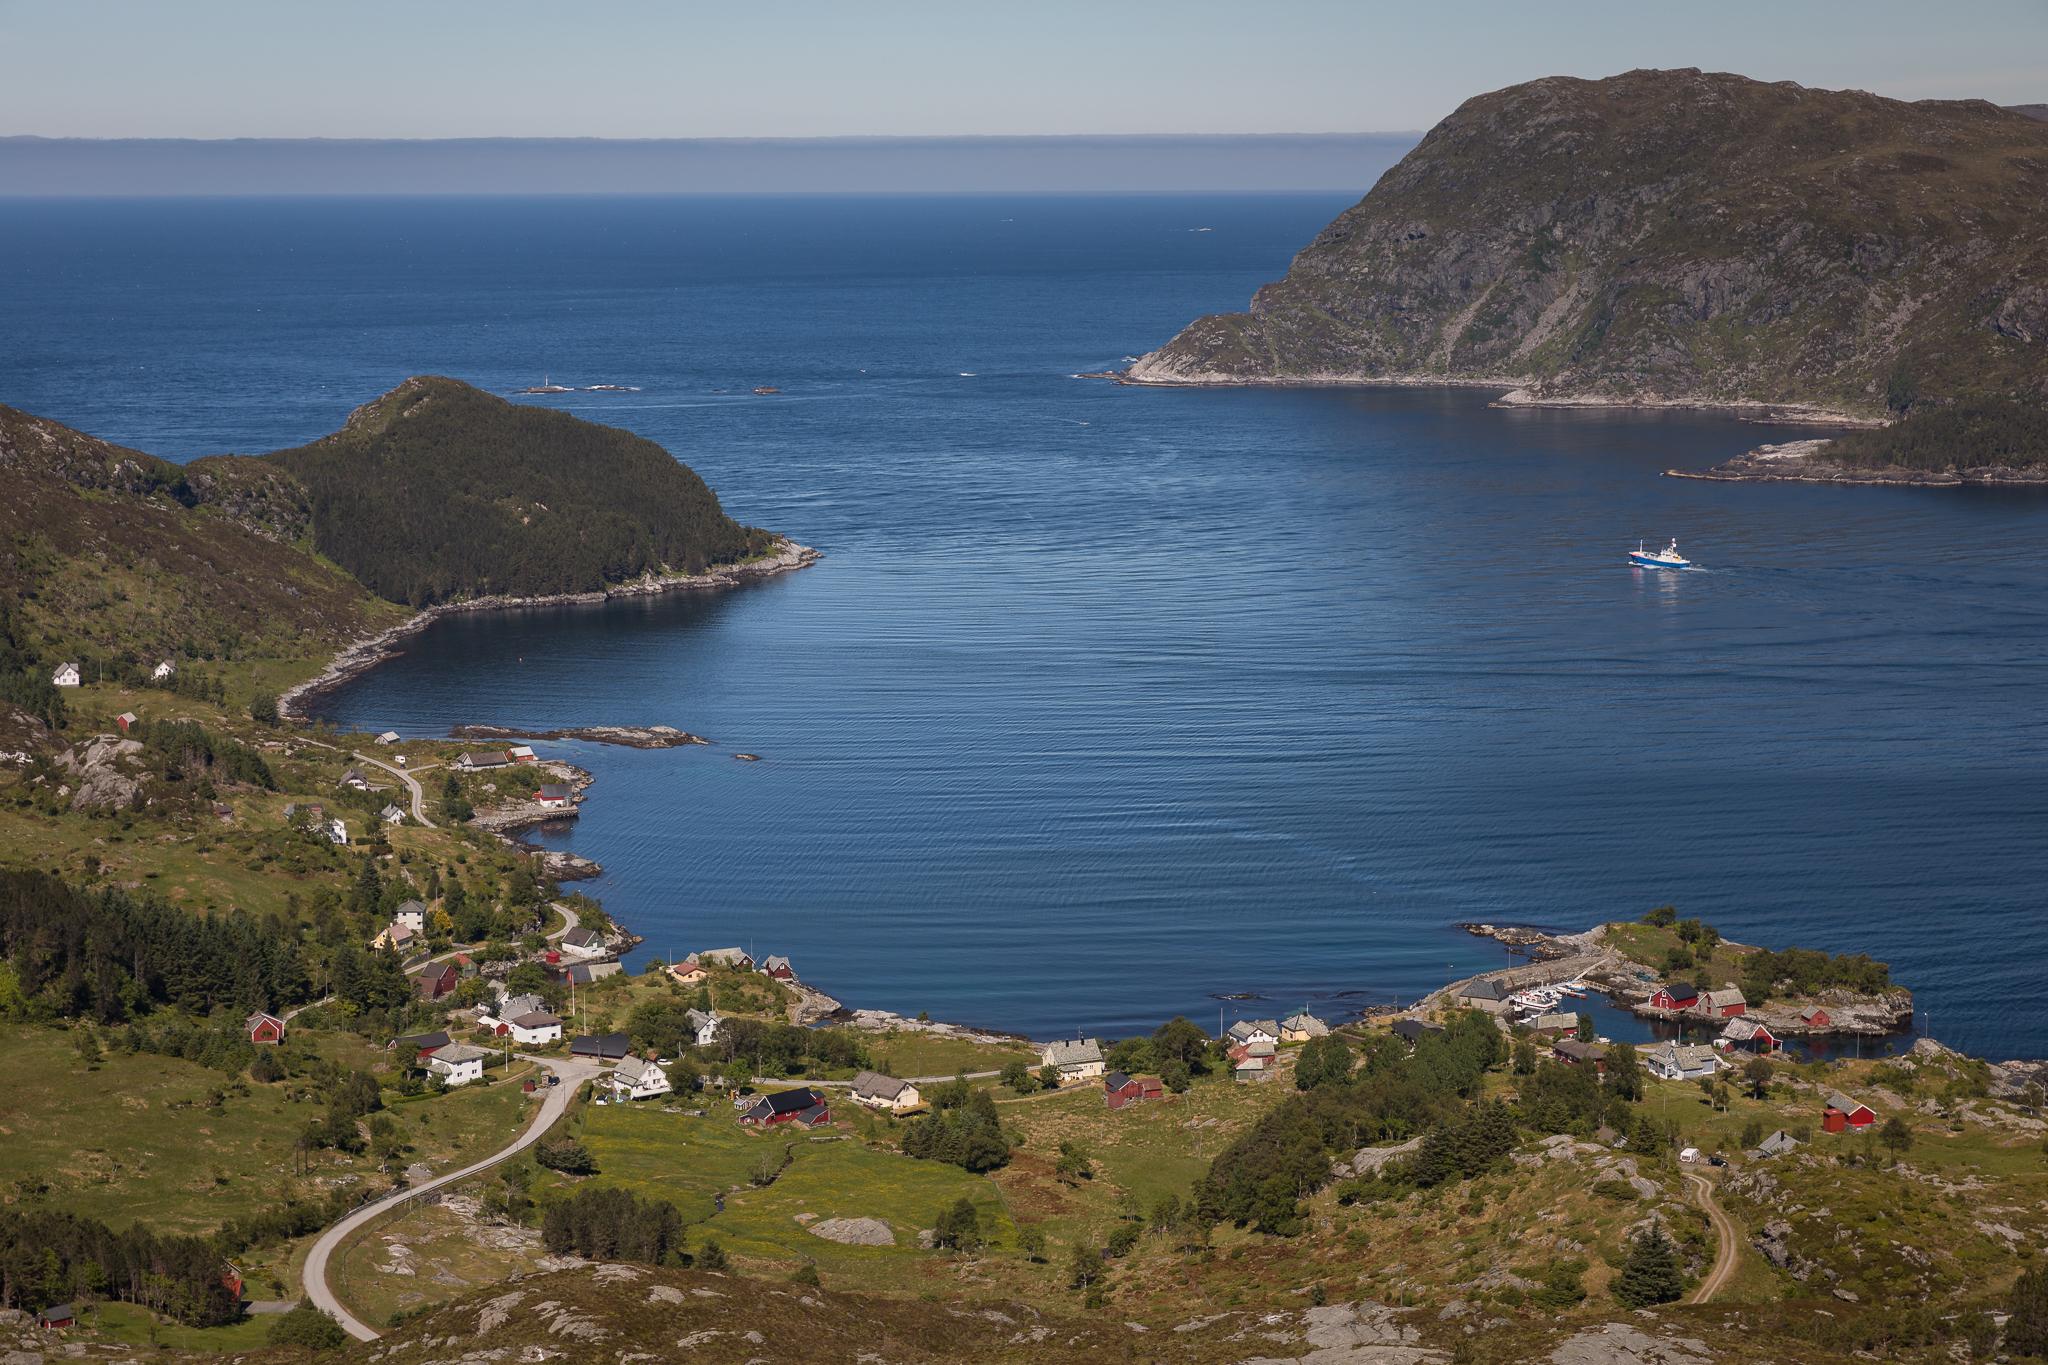 Husevåg overview from Mt. Blåfjellet, Norway